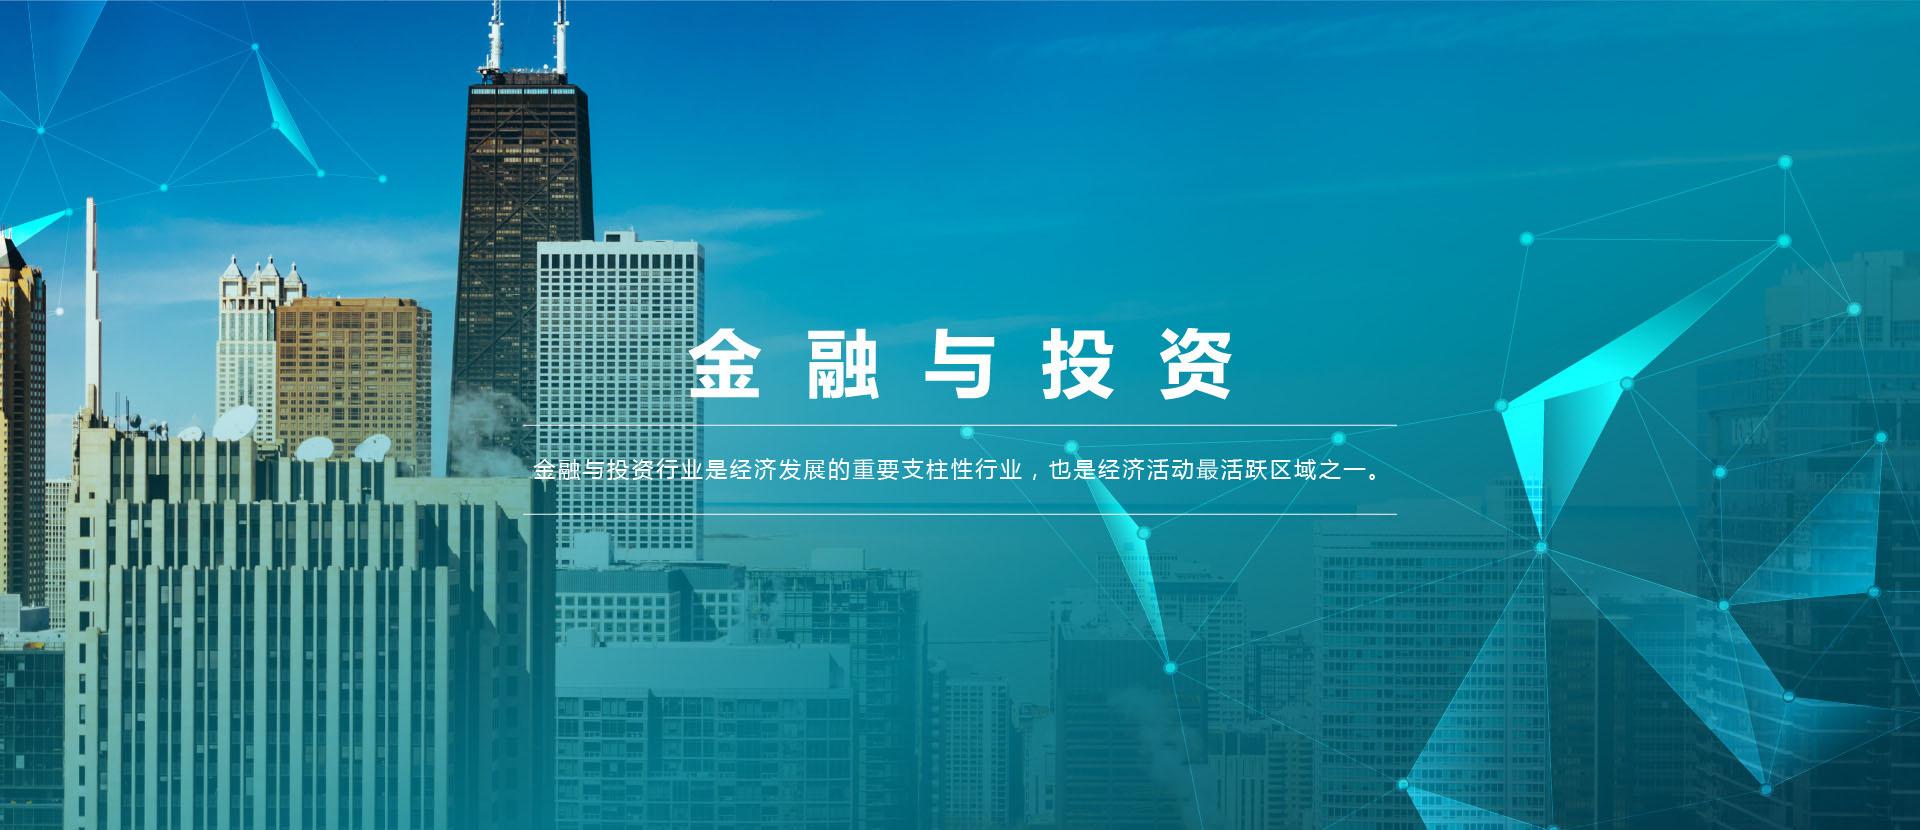 海报1(金融与投资)